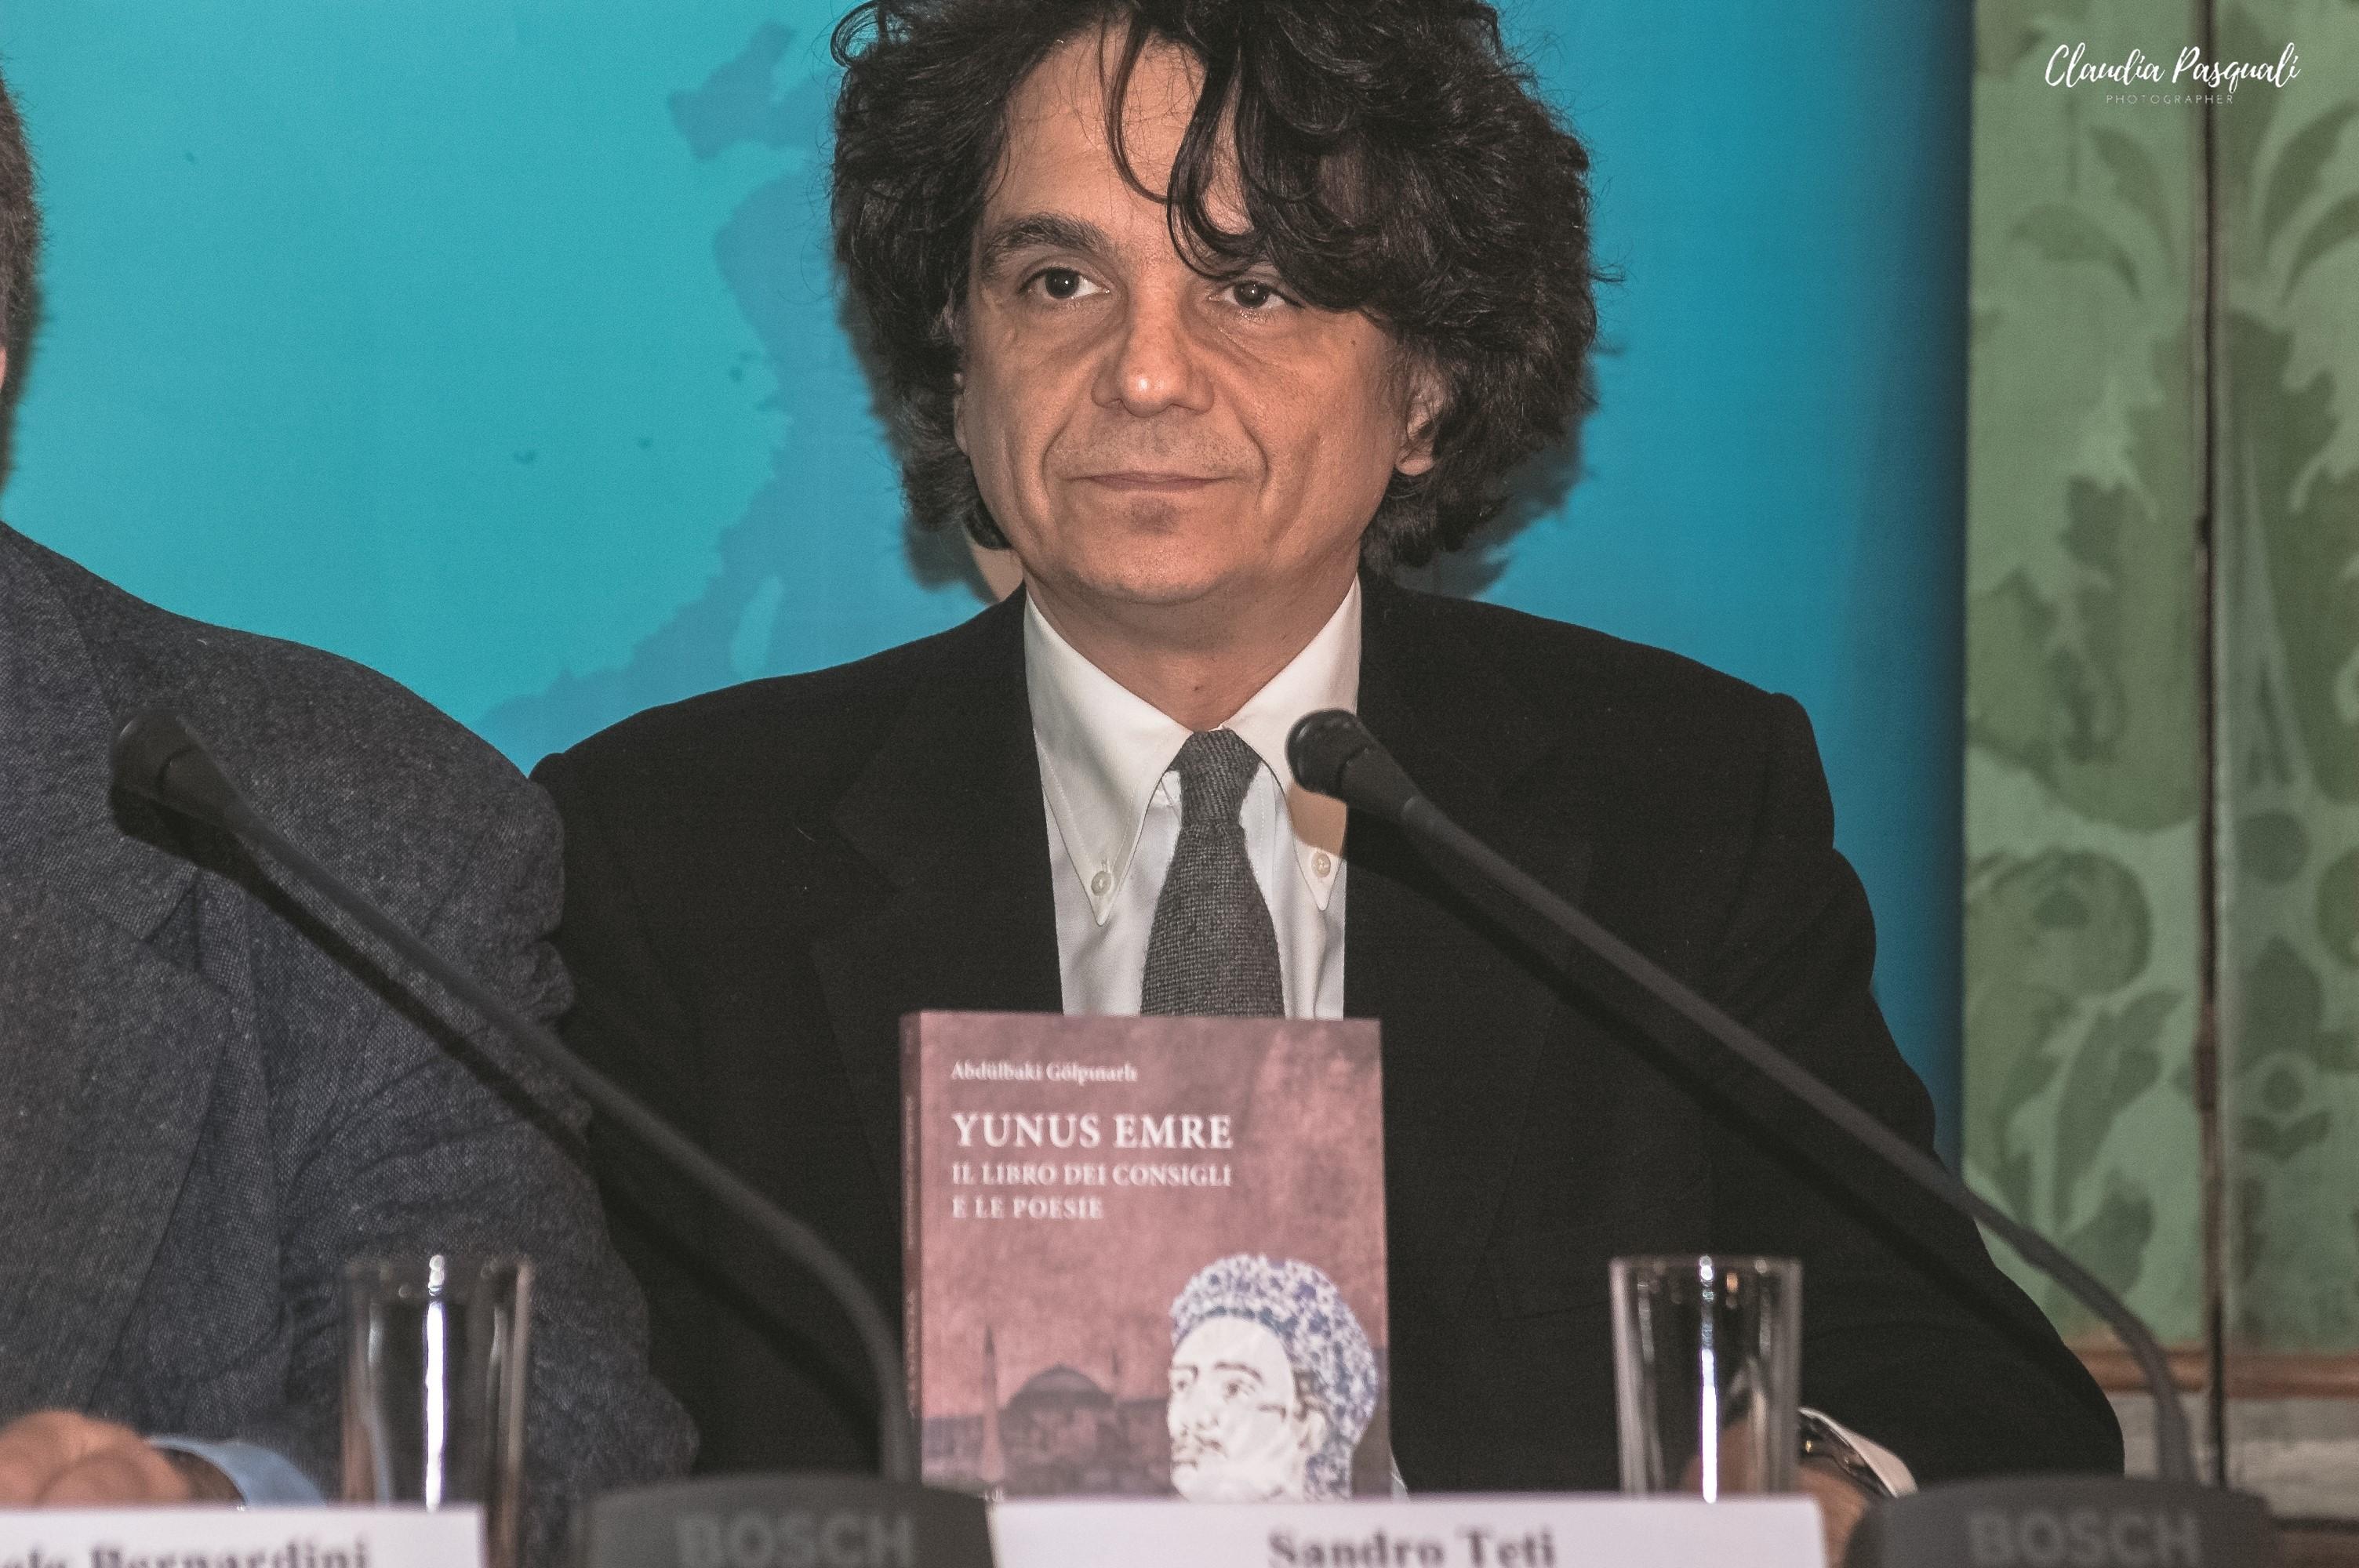 """Presentazione del libro """"Yunus Emre. Il libro dei consigli e le poesie"""". L'editore Sandro Teti."""